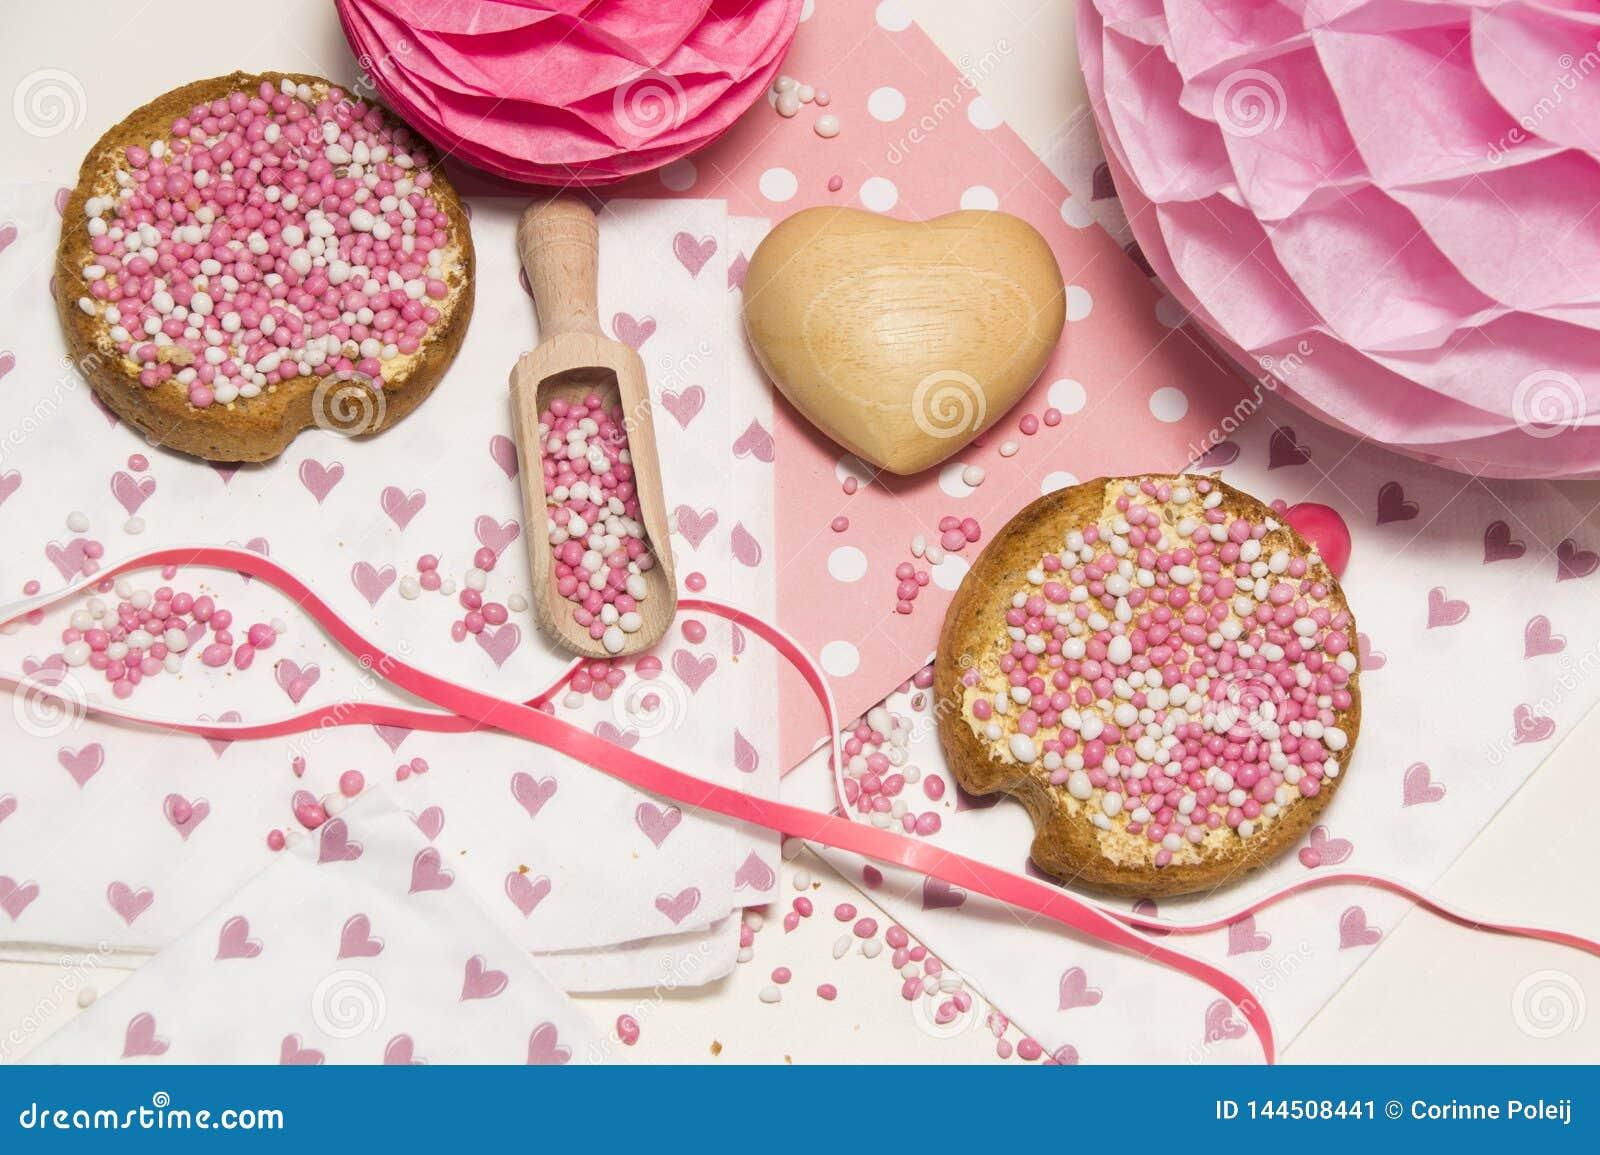 Rusk z różowymi aniseed piłkami, muisjes, tradycja w holandiach świętować narodziny córka